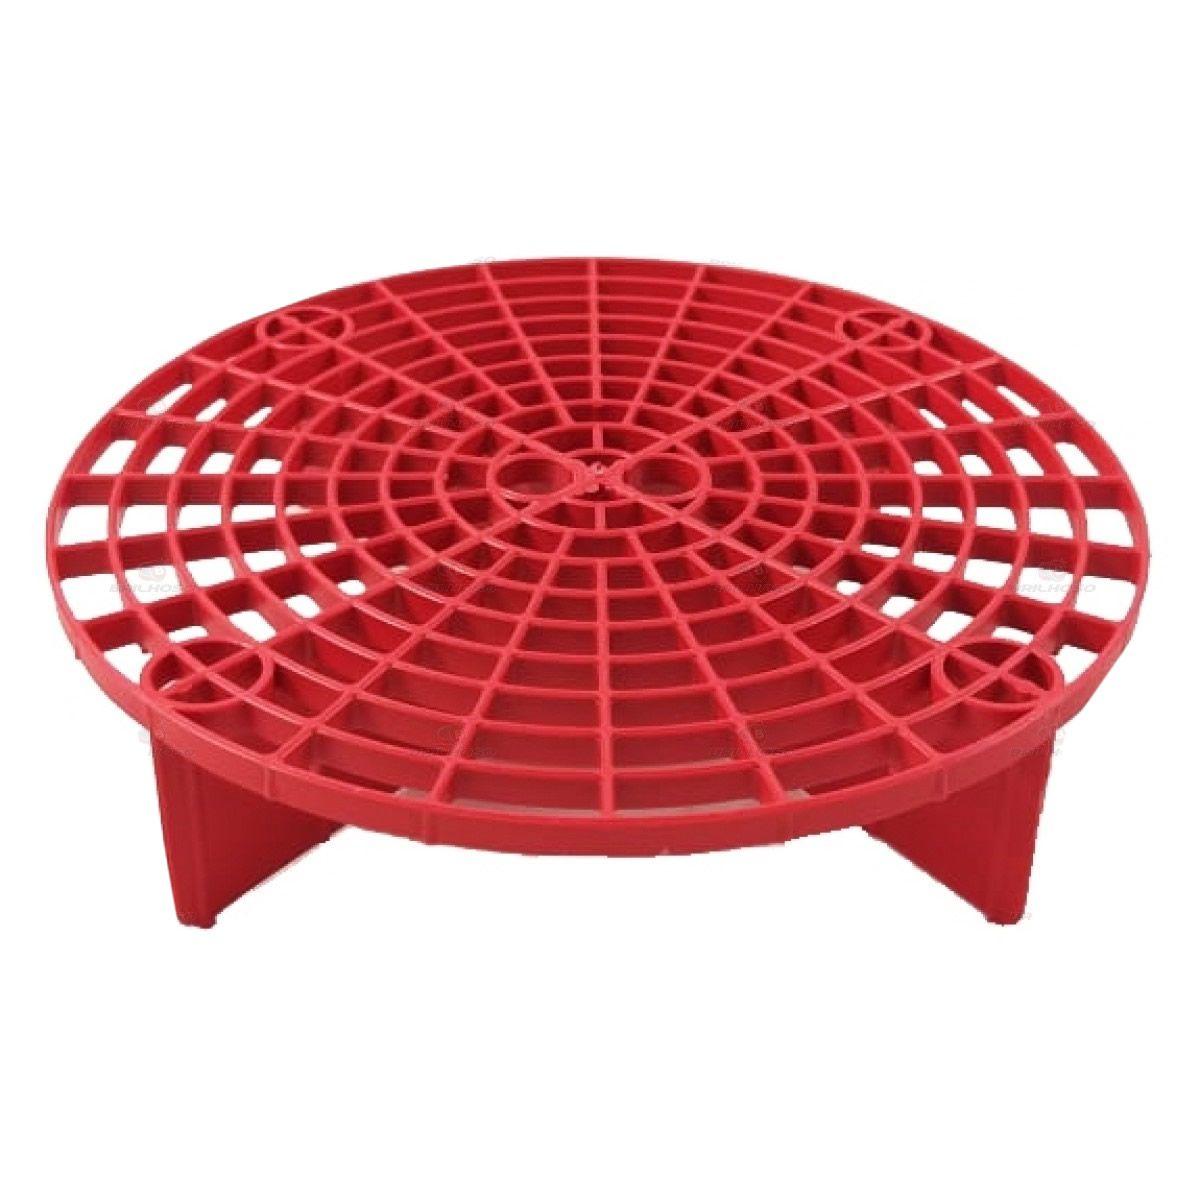 Grelha Separadora de Partículas Avulsa - Vermelha  - Loja Go Eco Wash